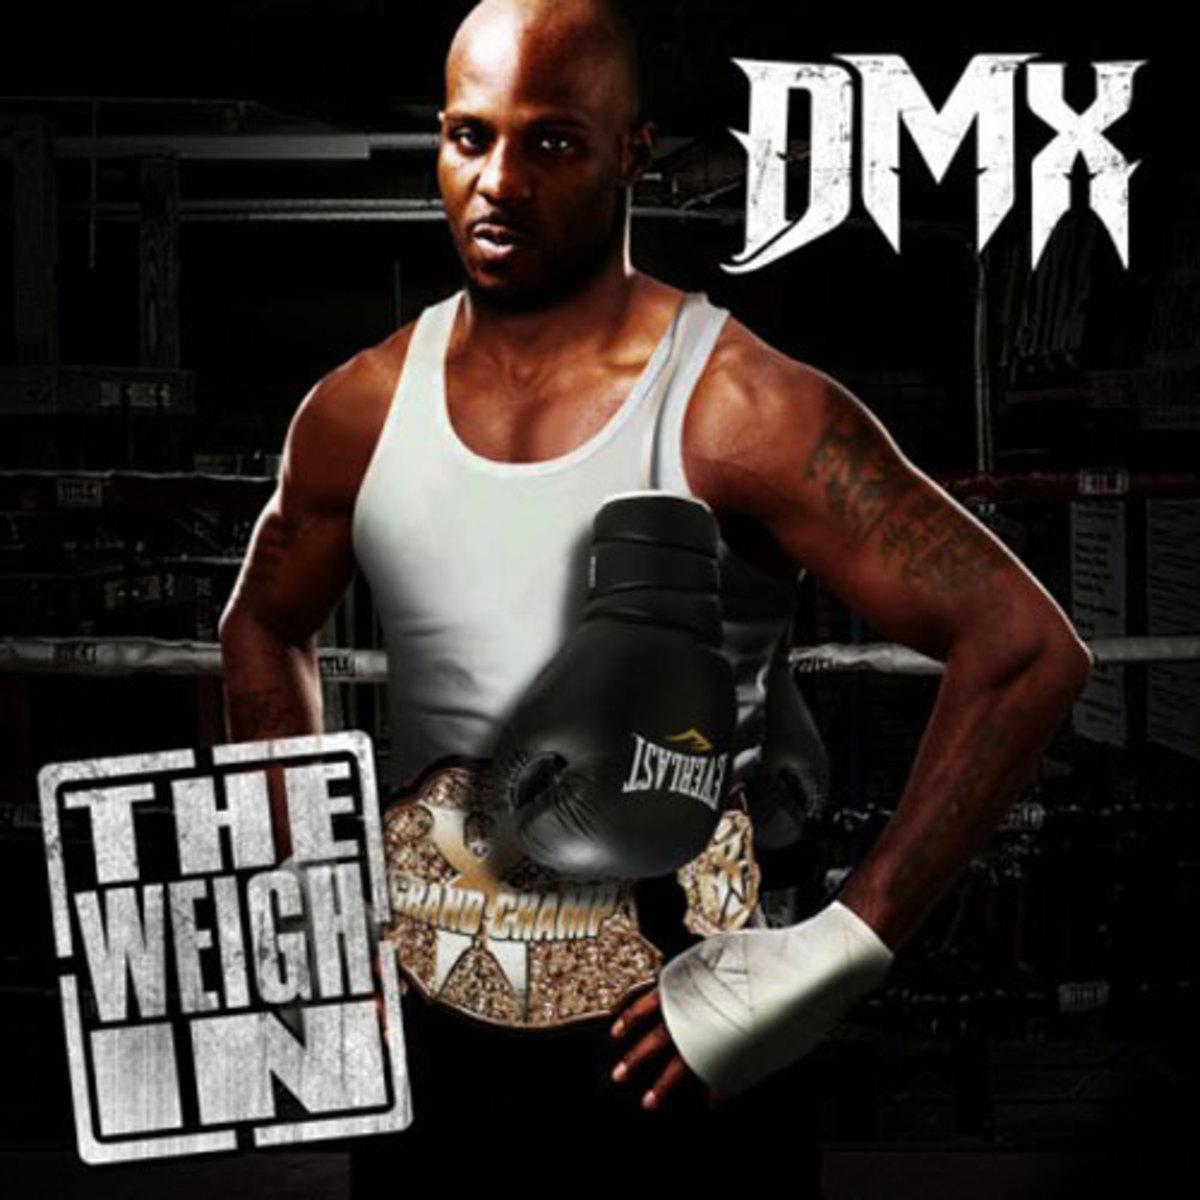 dmx-theweighin.jpg